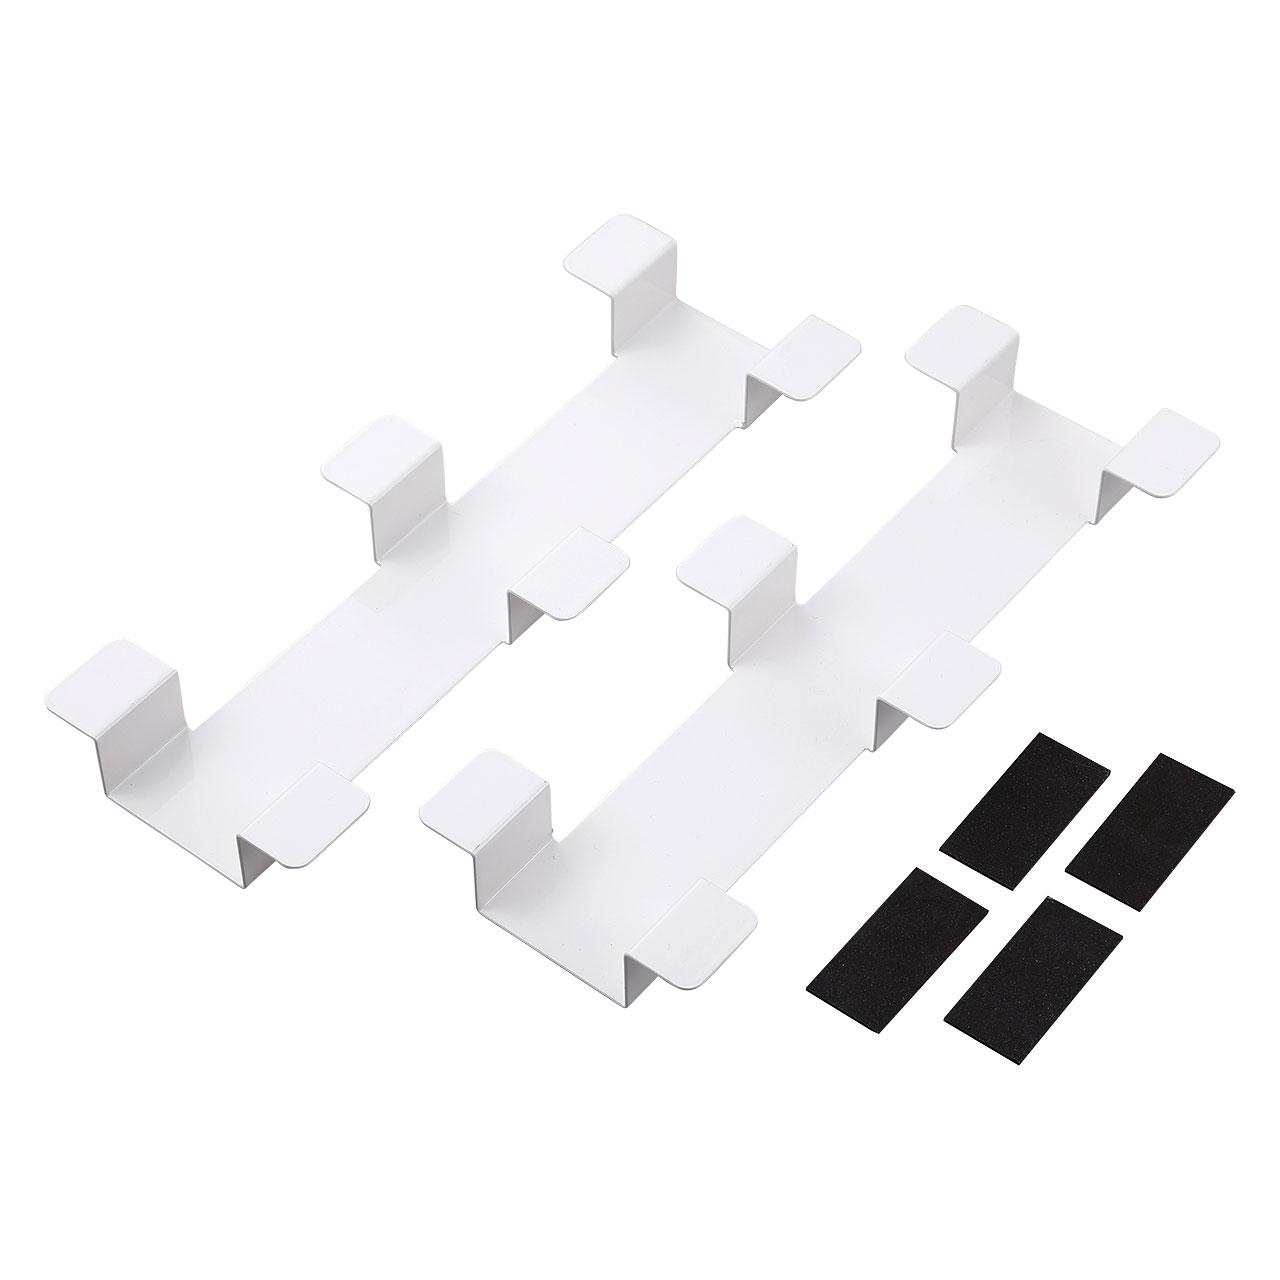 タブレット収納保管庫用ケーブルフックバー(2個セット・ホワイト)商品画像